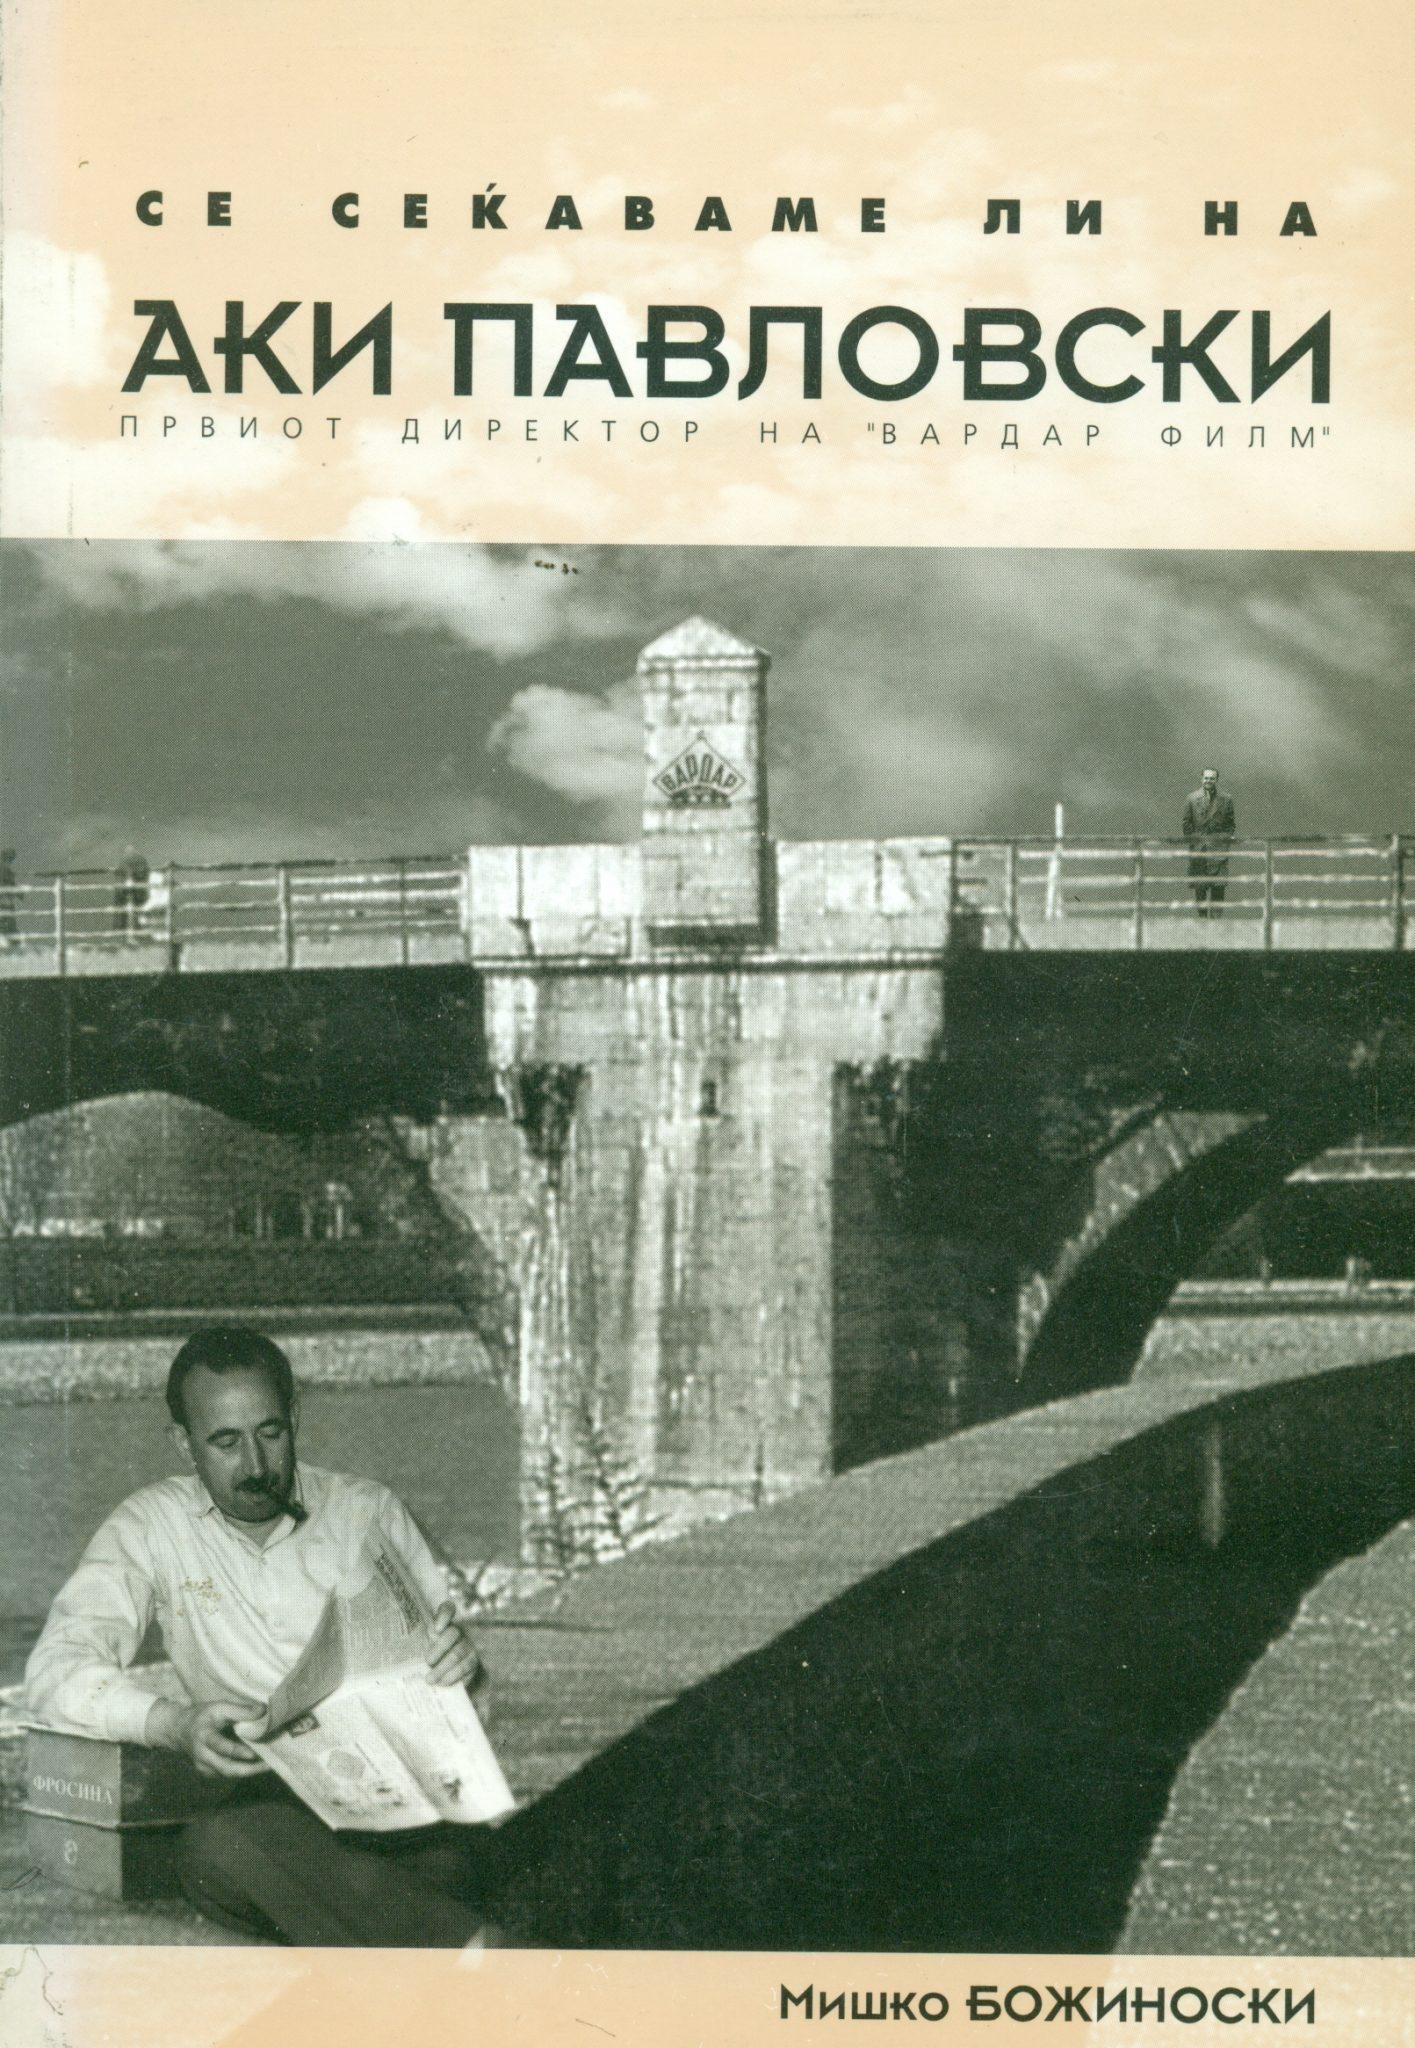 """Се сеќаваме ли на Аки Павловски – Првиот директор на """"Вардар филм"""""""